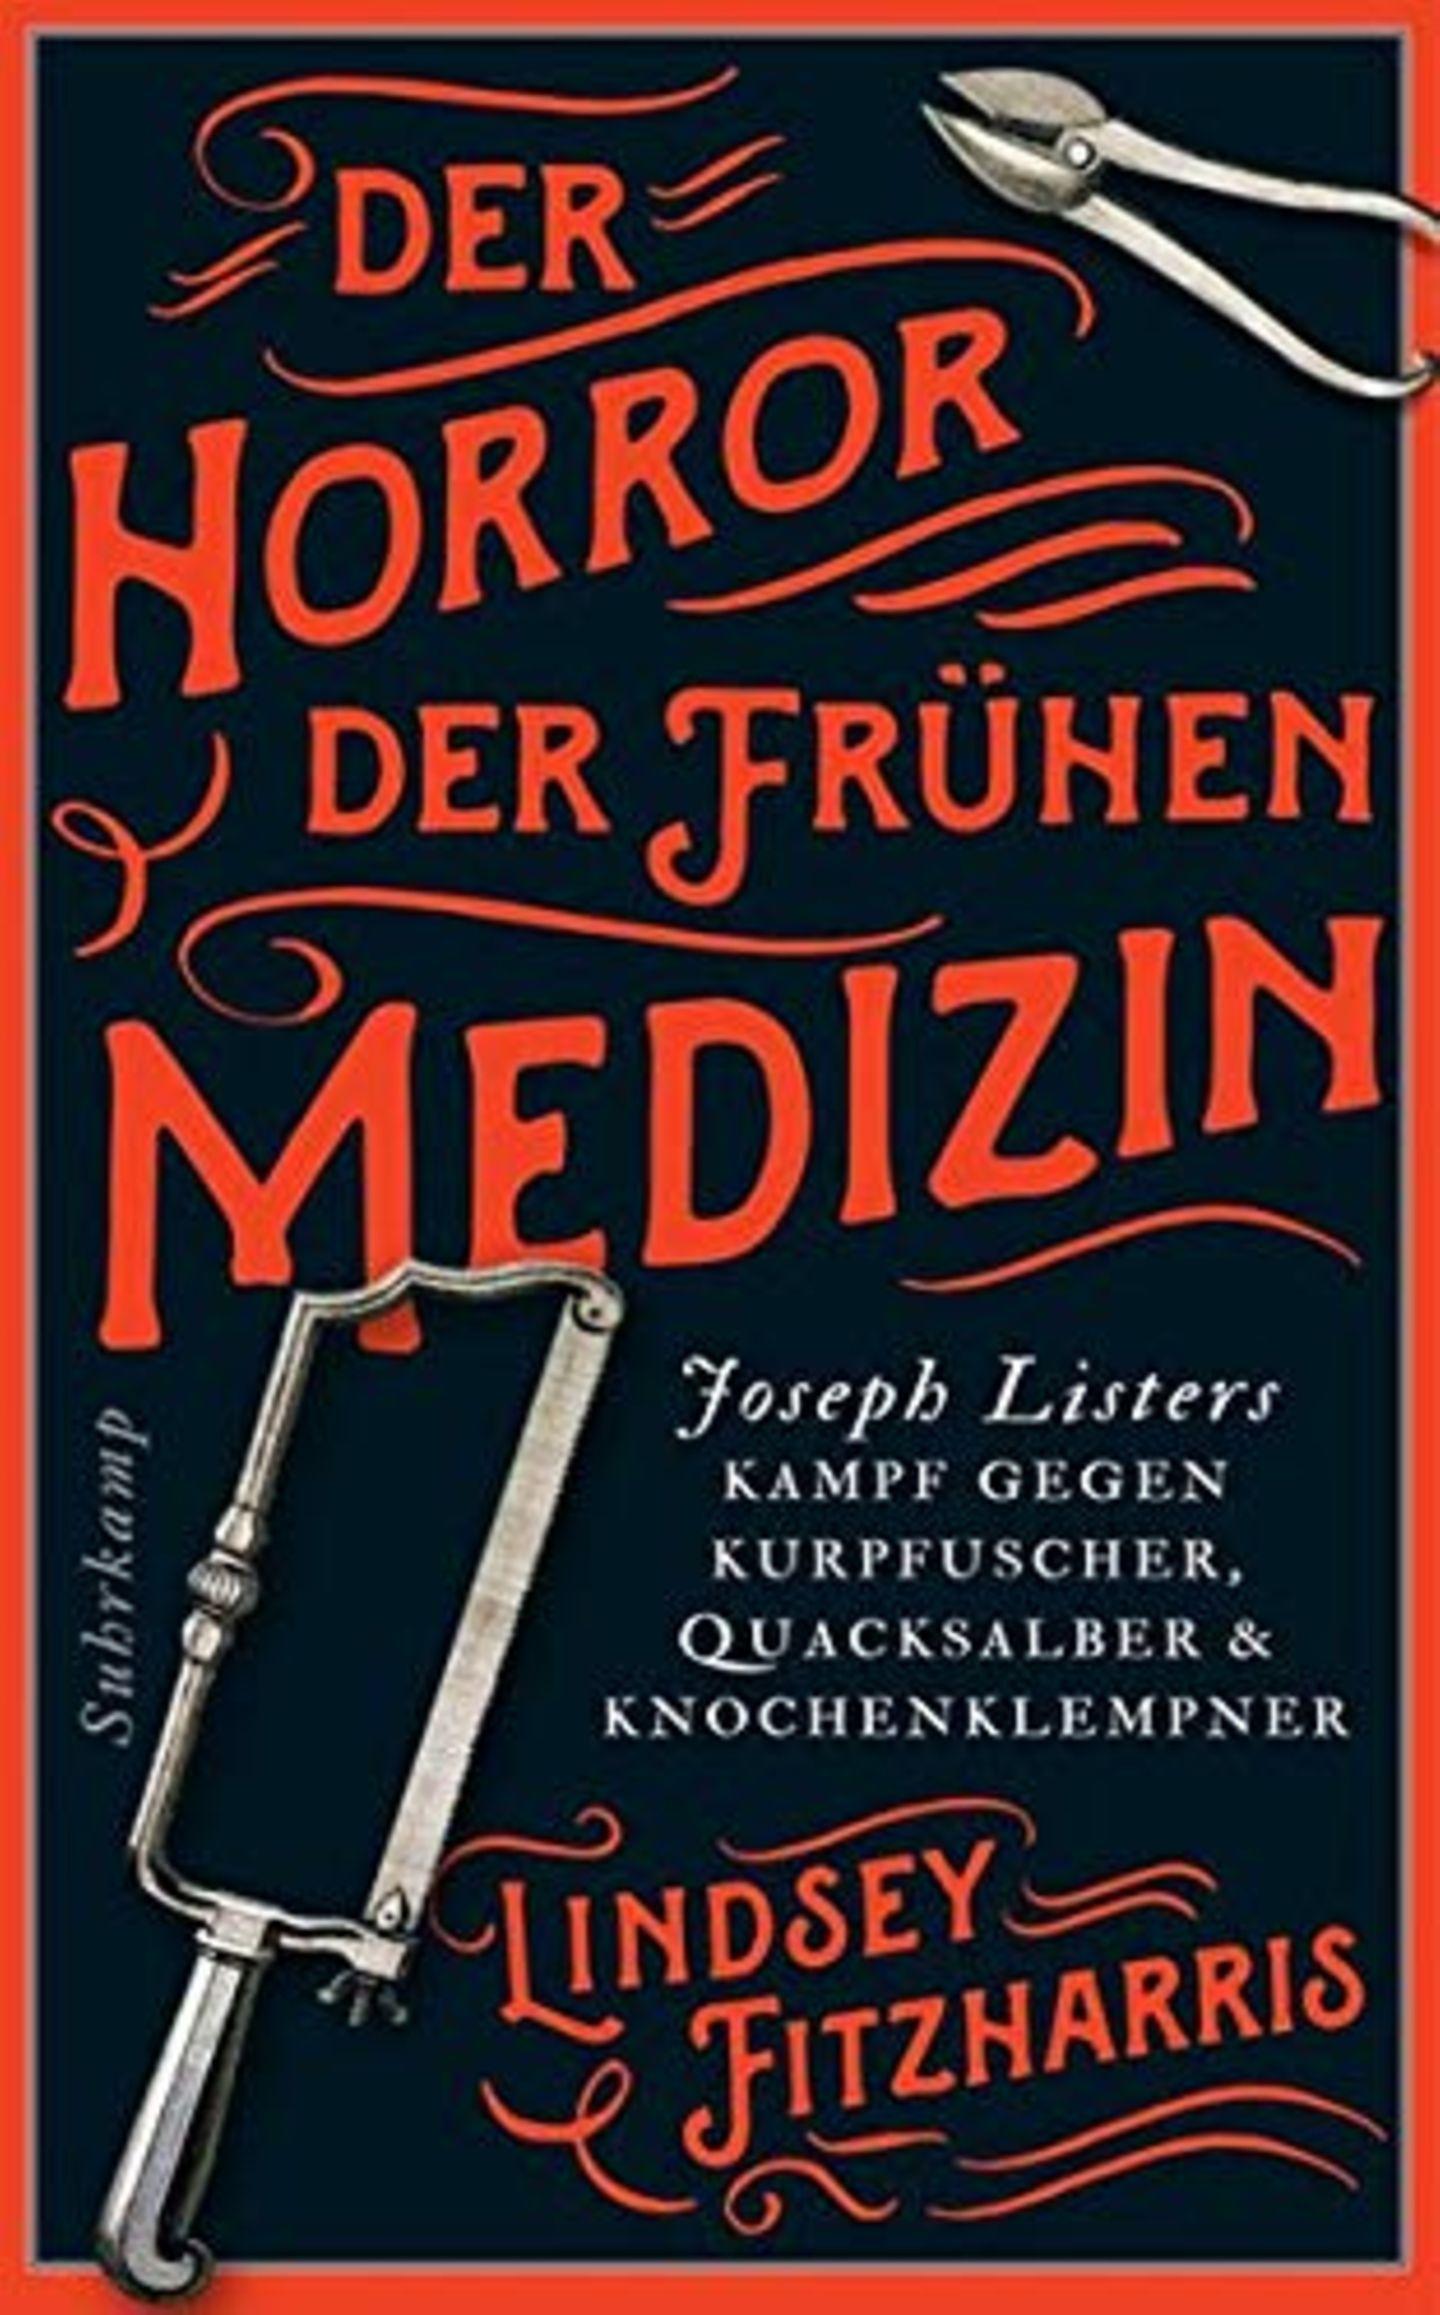 """""""Der Horror der frühen Medizin"""" von Lindsey Fitzharris"""